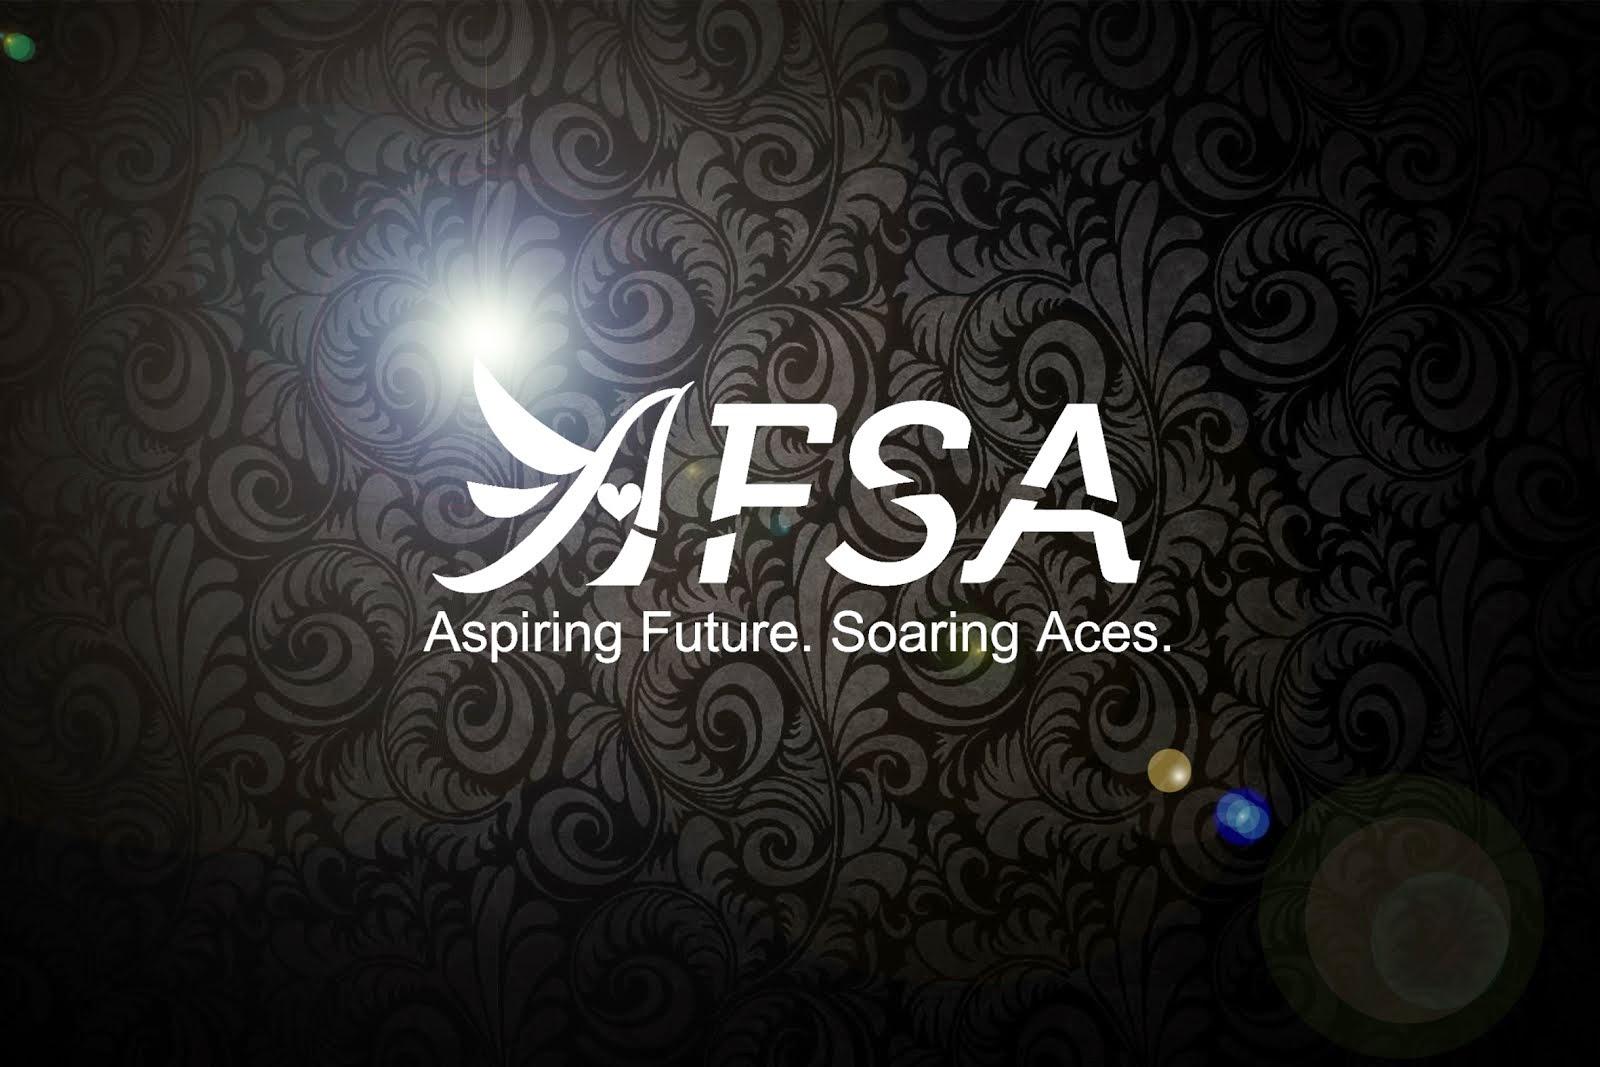 AFSA | Aspiring Future. Soaring Aces.